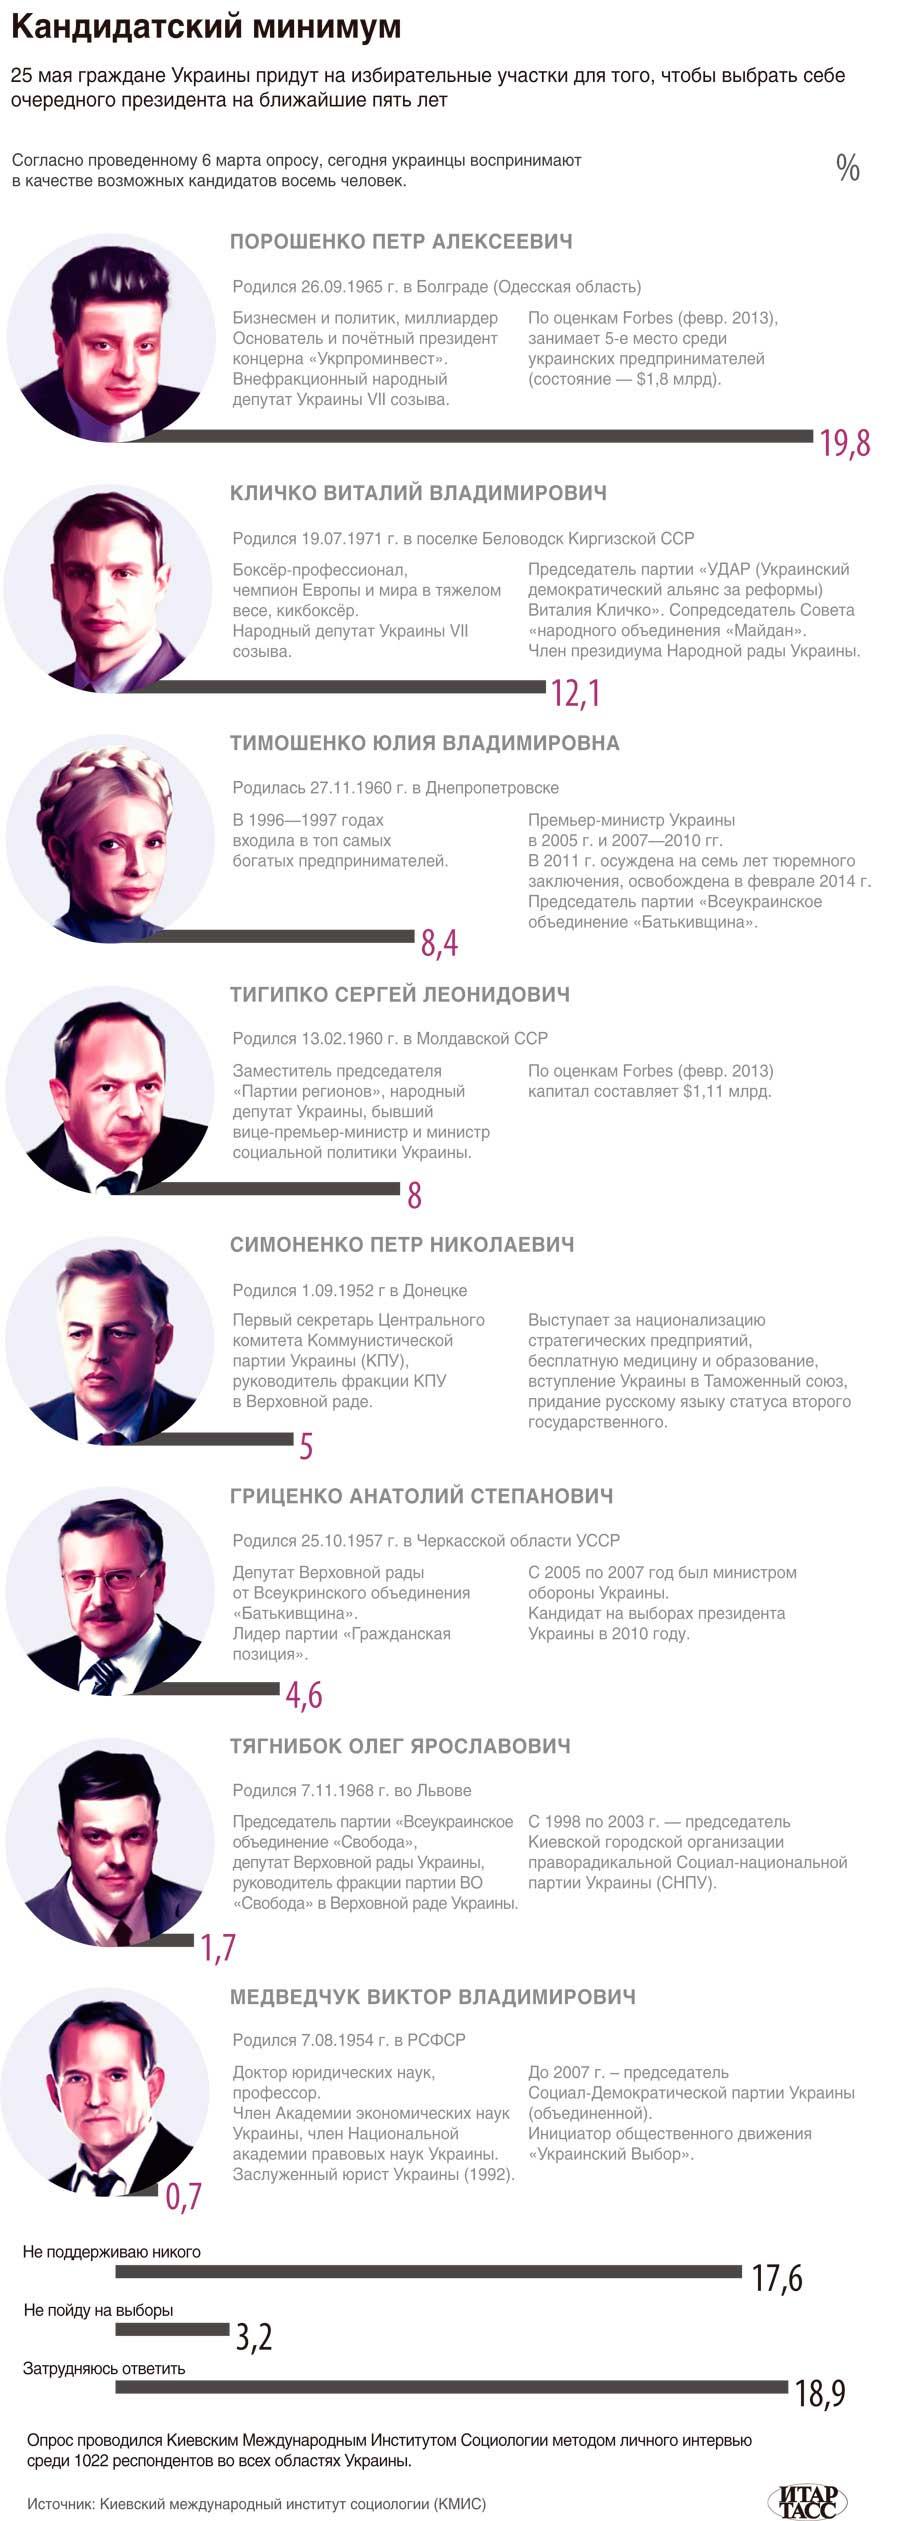 Сведения о восьми кандидатах в президенты Украины, лидирующих по результатам опросов